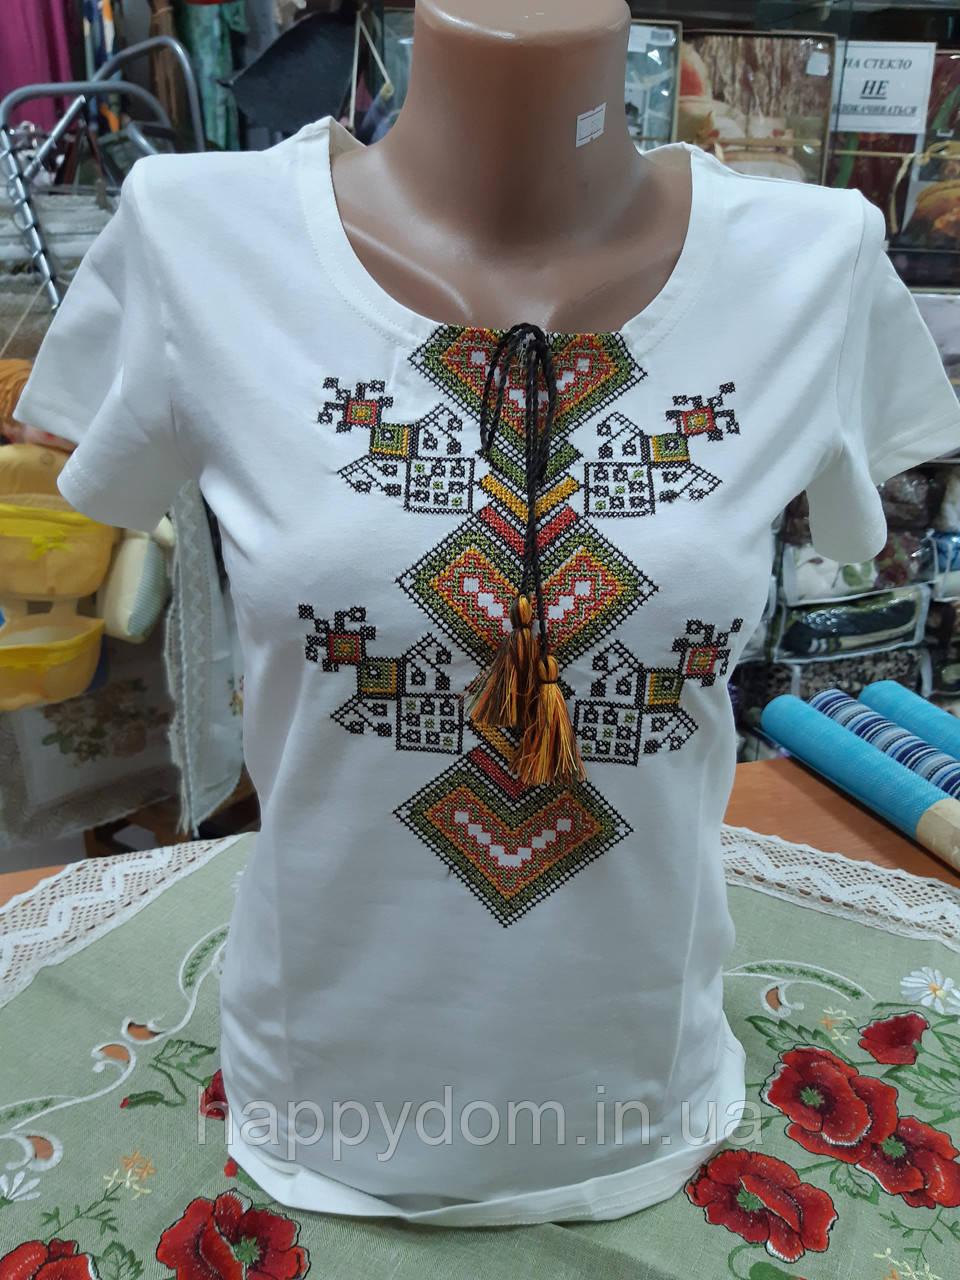 Вышиванка жеская футболка белая